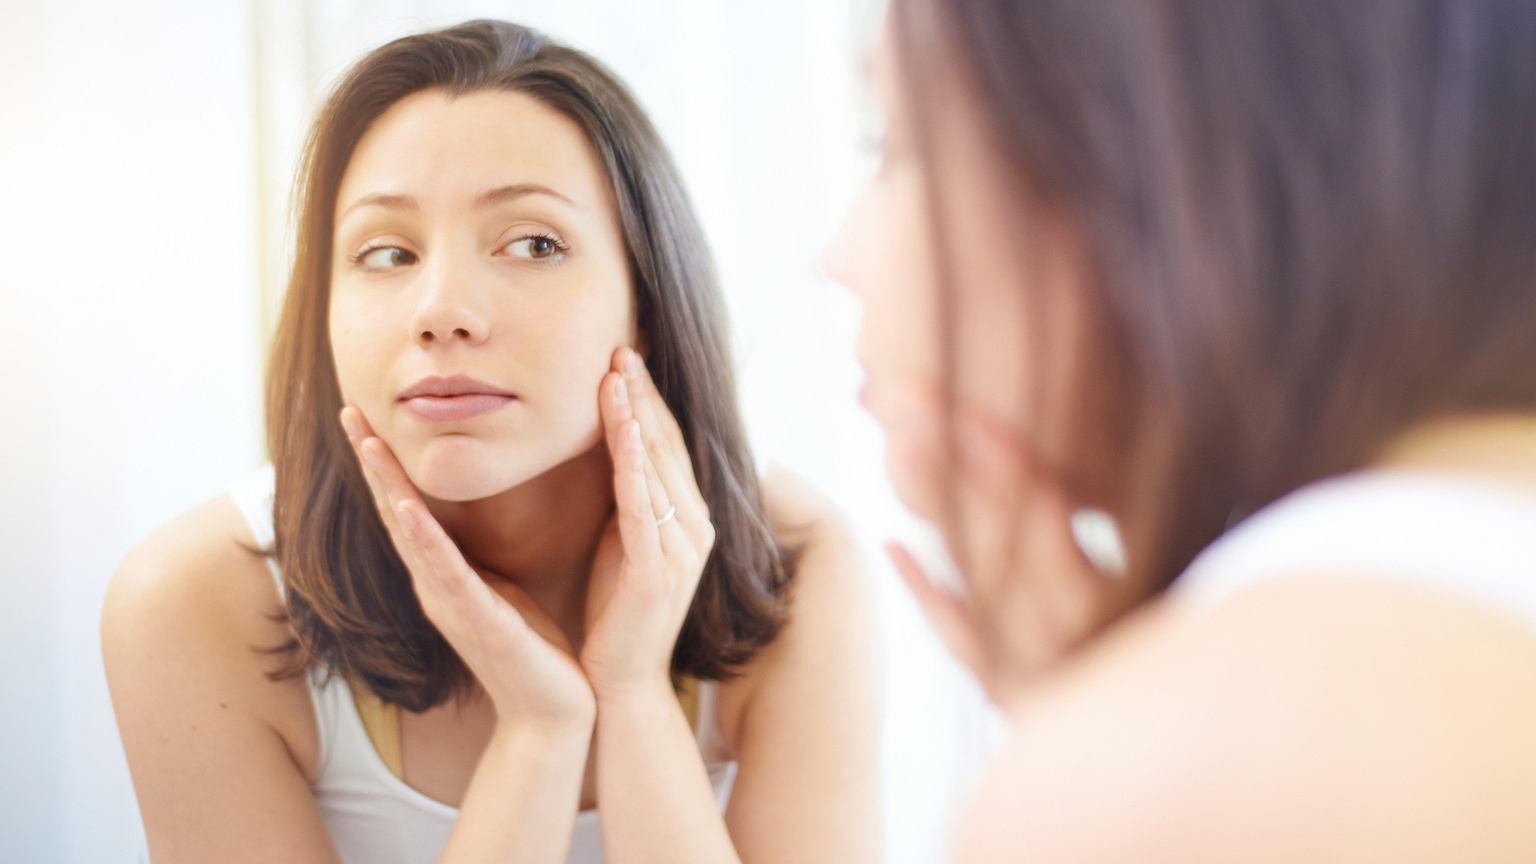 Chcesz mieć zdrową skórę? Dziennie nie powinieneś używać więcej niż pięciu kosmetyków o możliwie prostym składzie